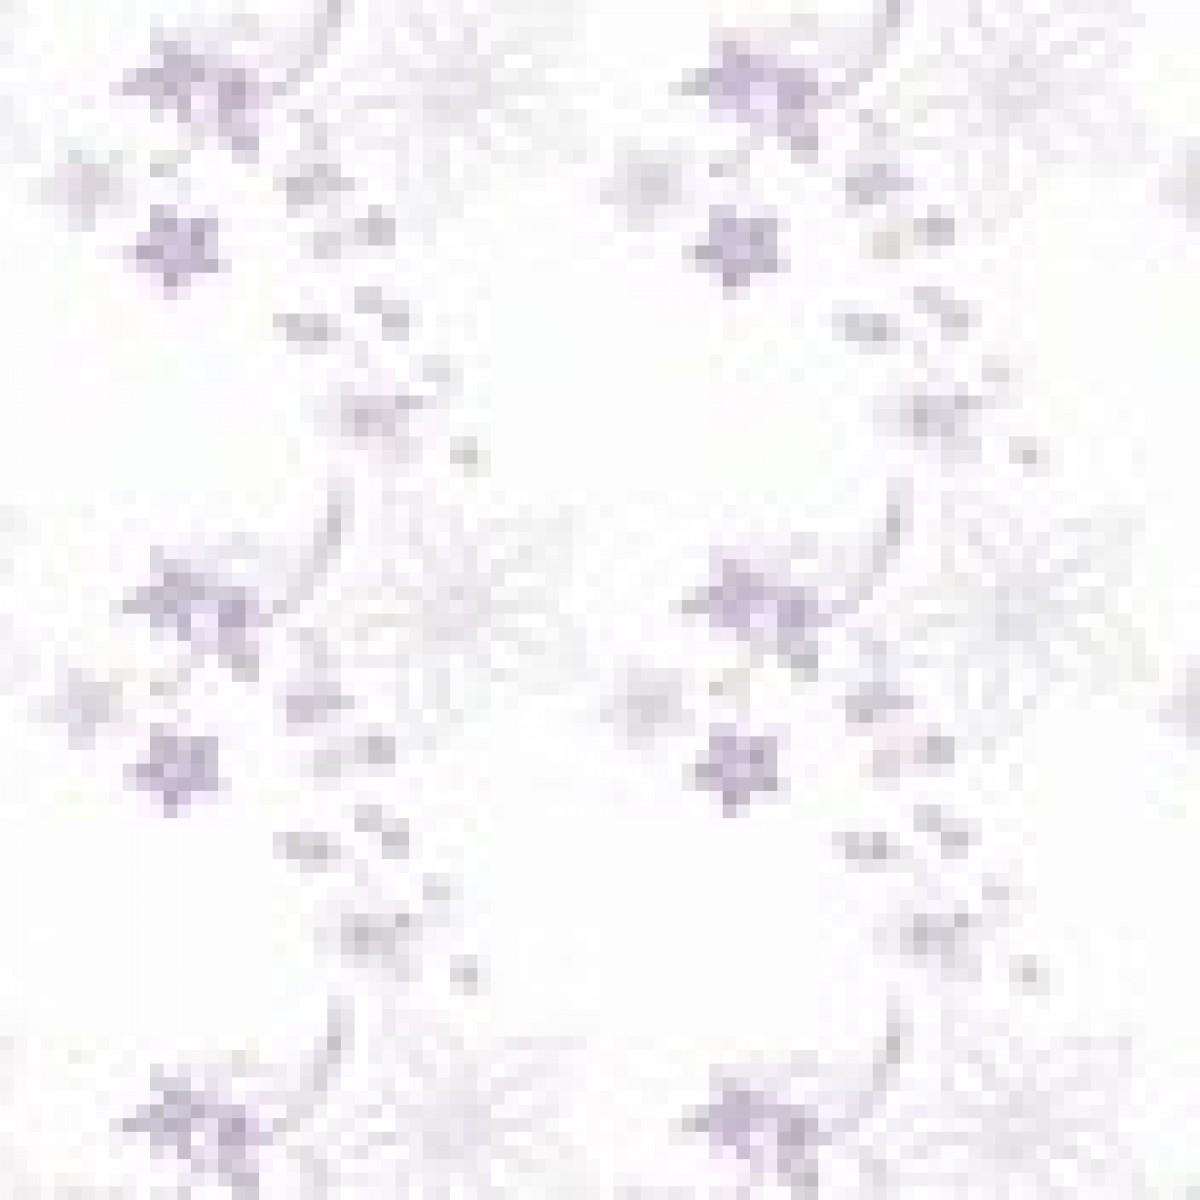 Fiori Lilac 80cmx25m  50mic Film - 1 Roll